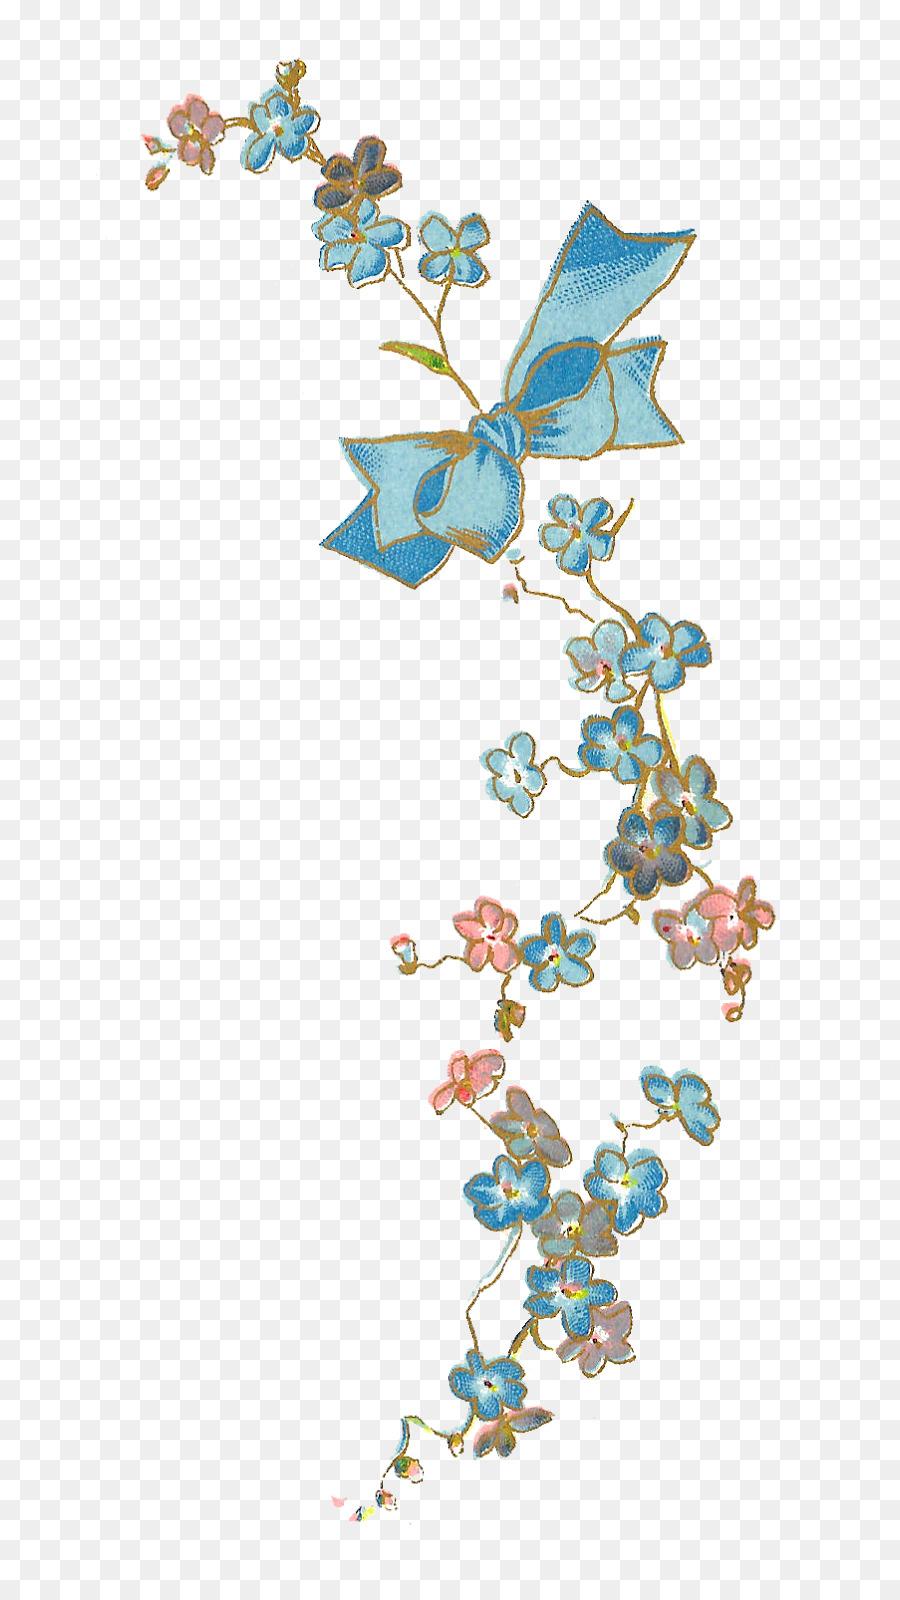 Flower Blue Scorpion Grasses Vintage Clothing Clip Art Blue Floral